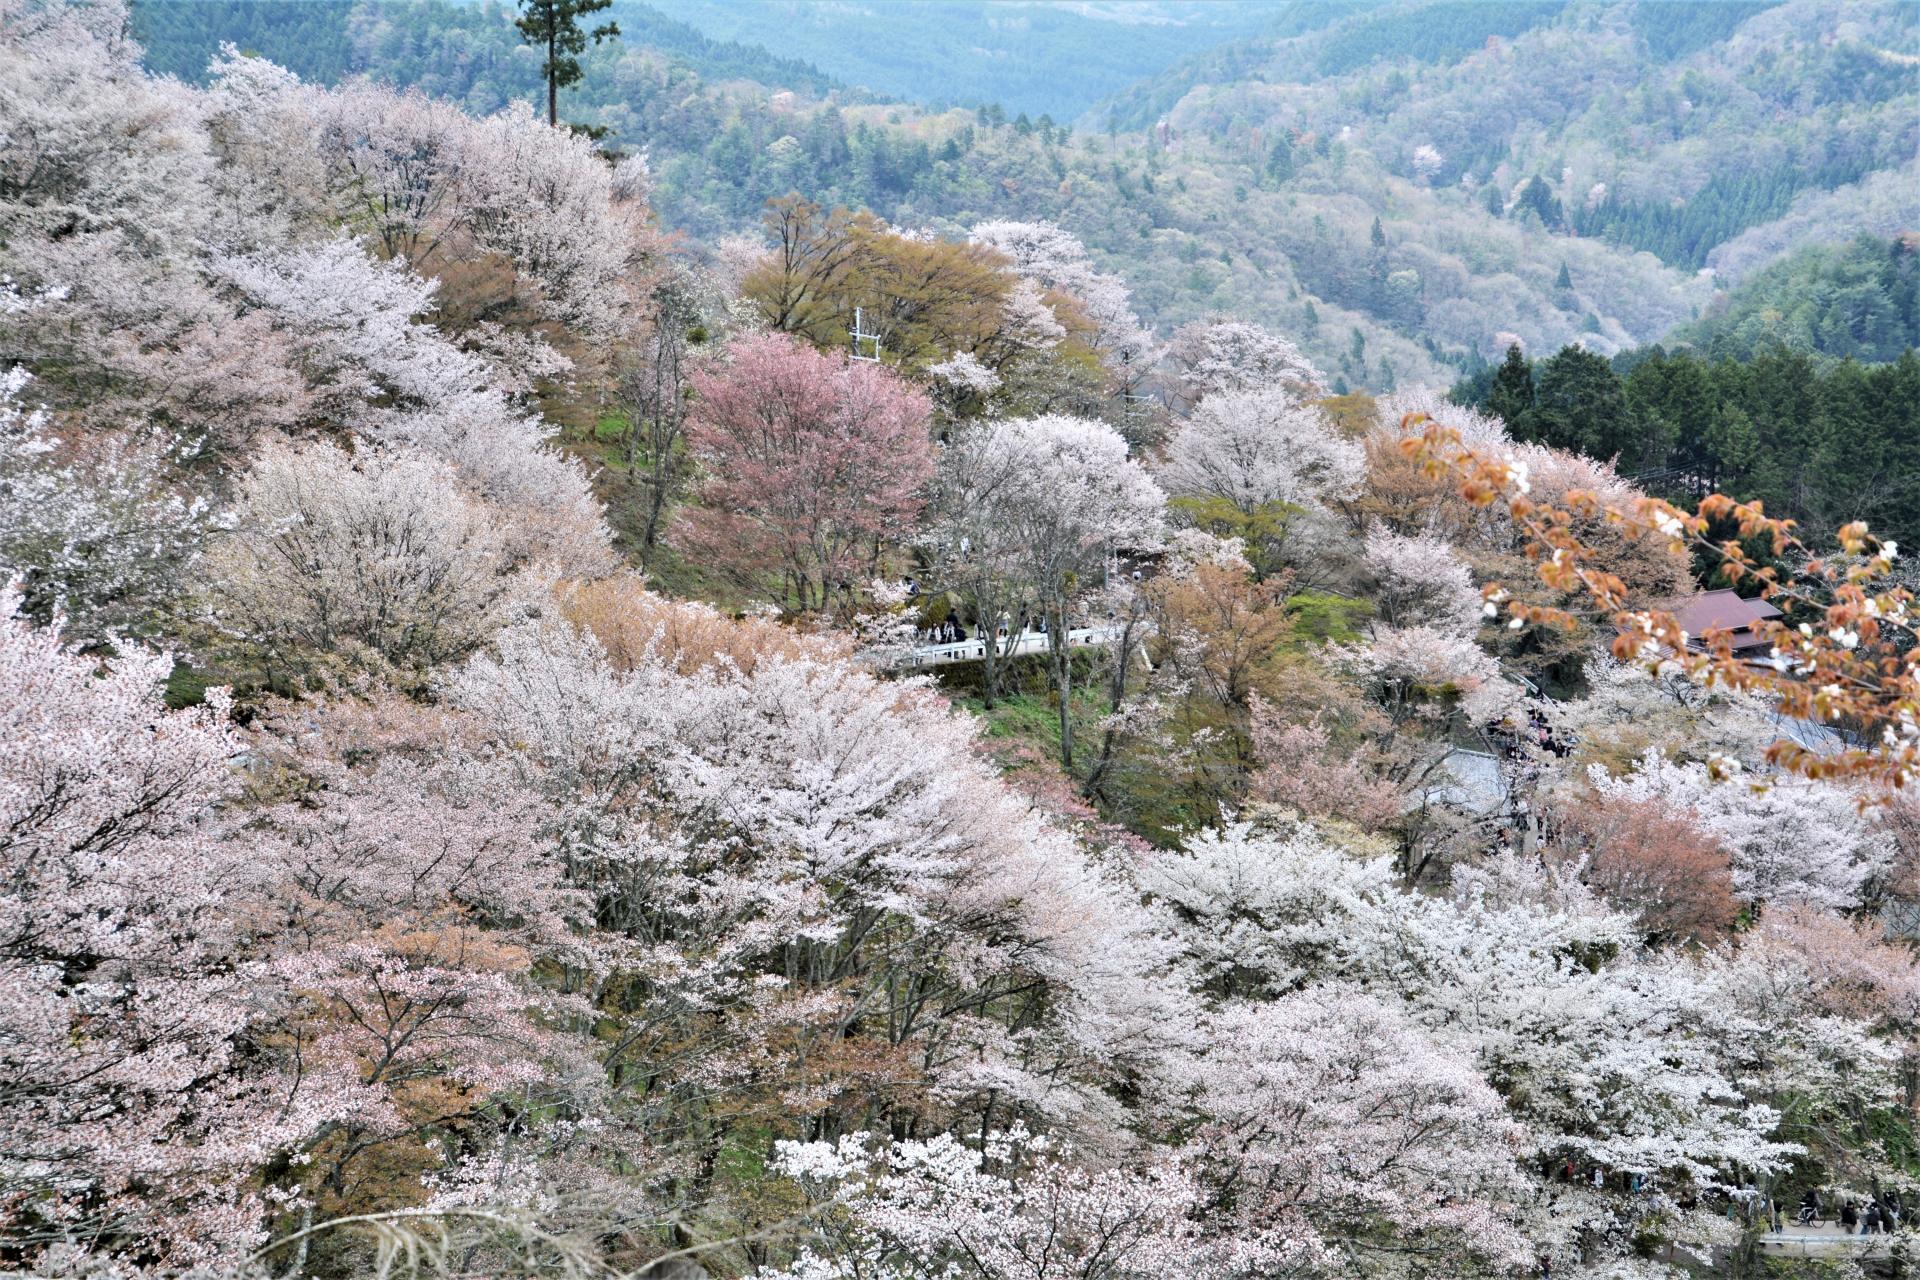 1134829_m 奈良県  吉野山(山が桜に染まる春におすすめの絶景スポット! 写真の紹介、アクセス情報や駐車場情報など)